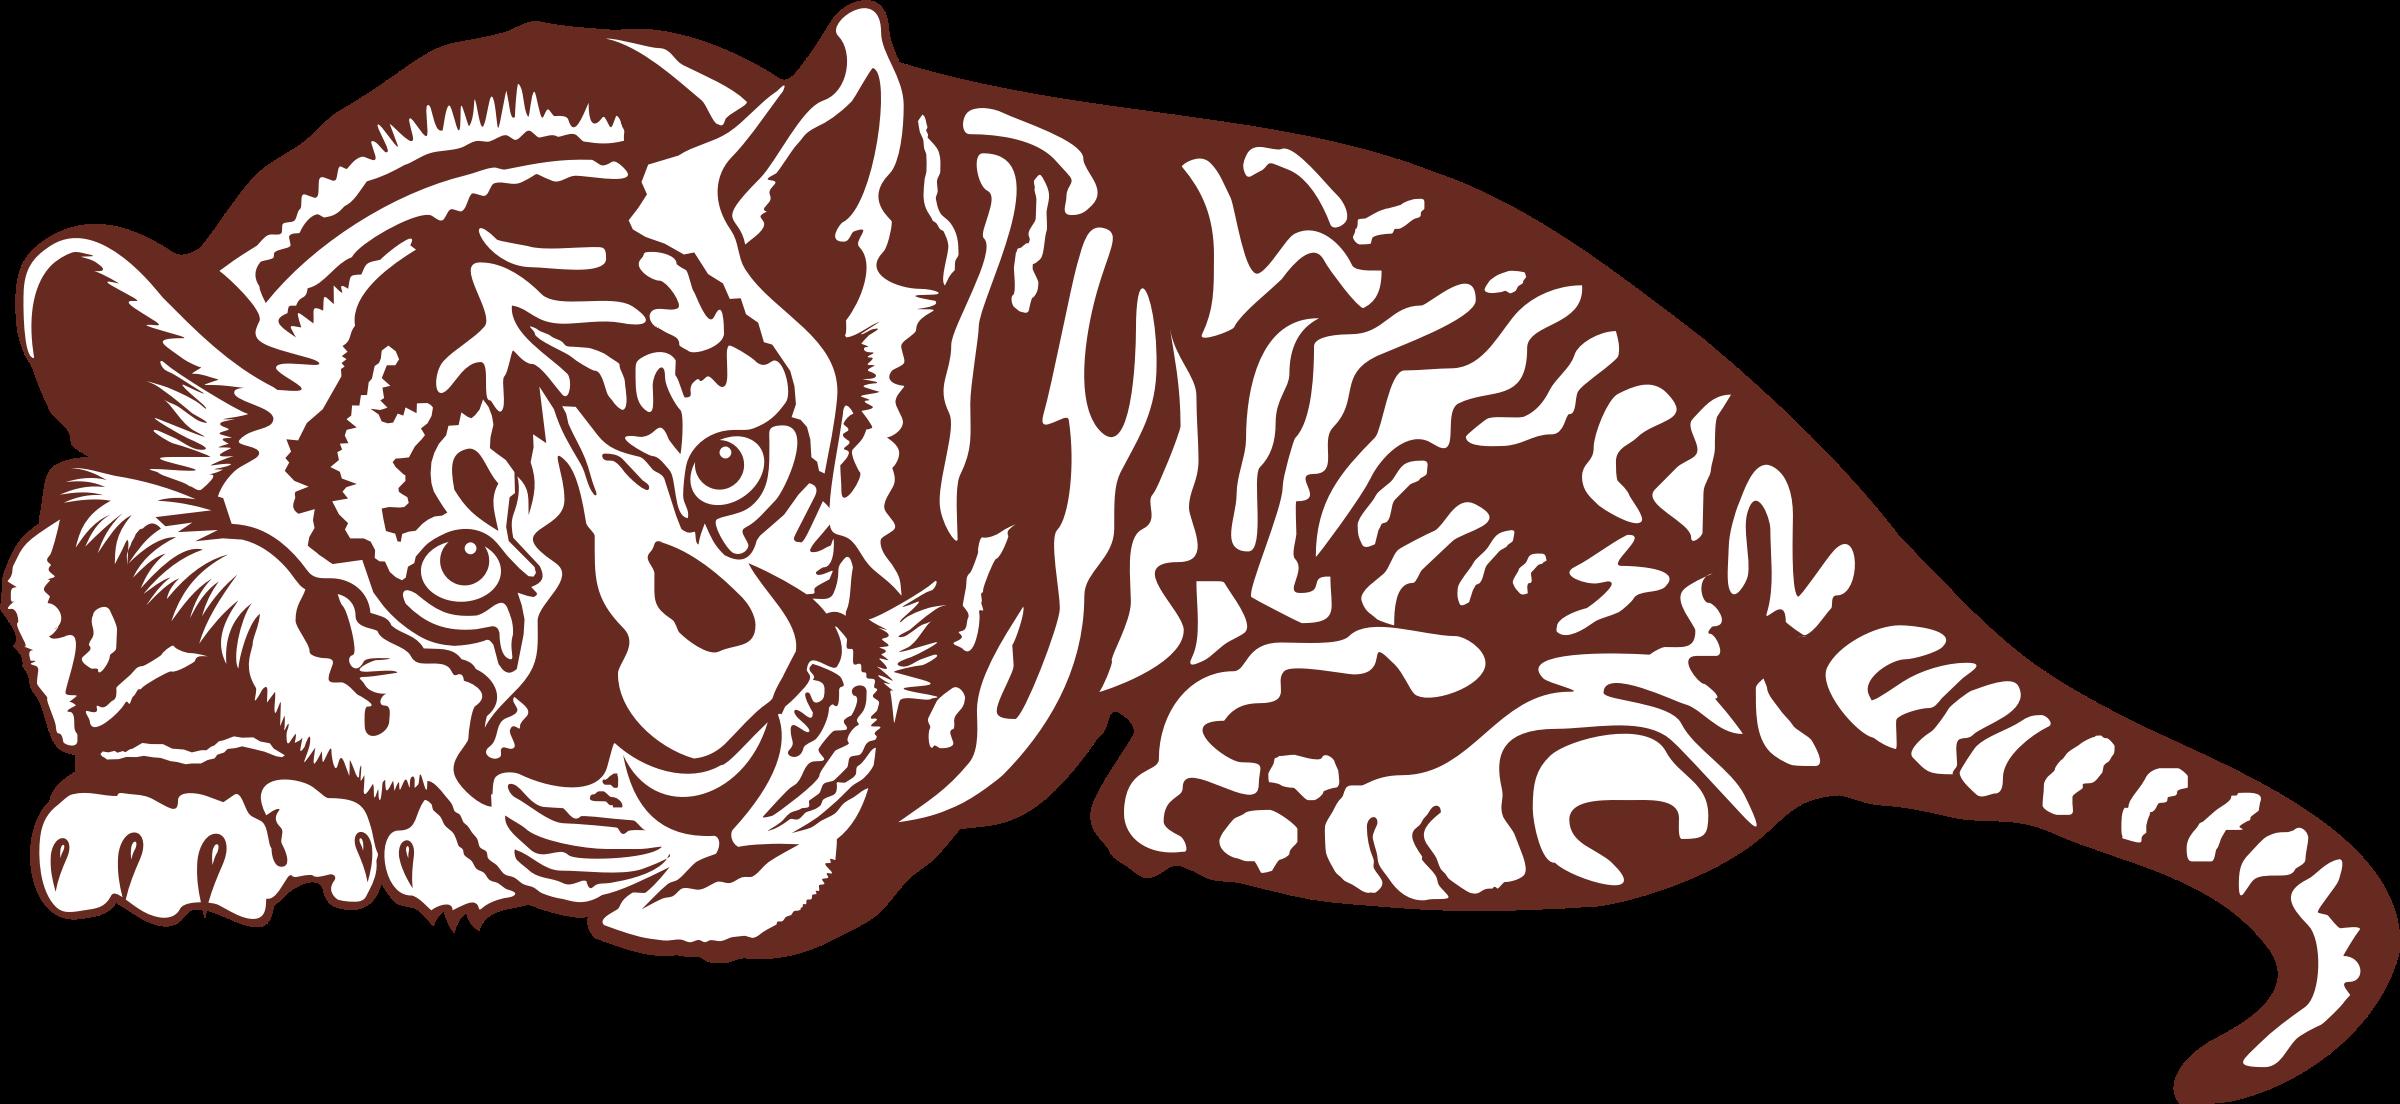 tiger cub by maxim2